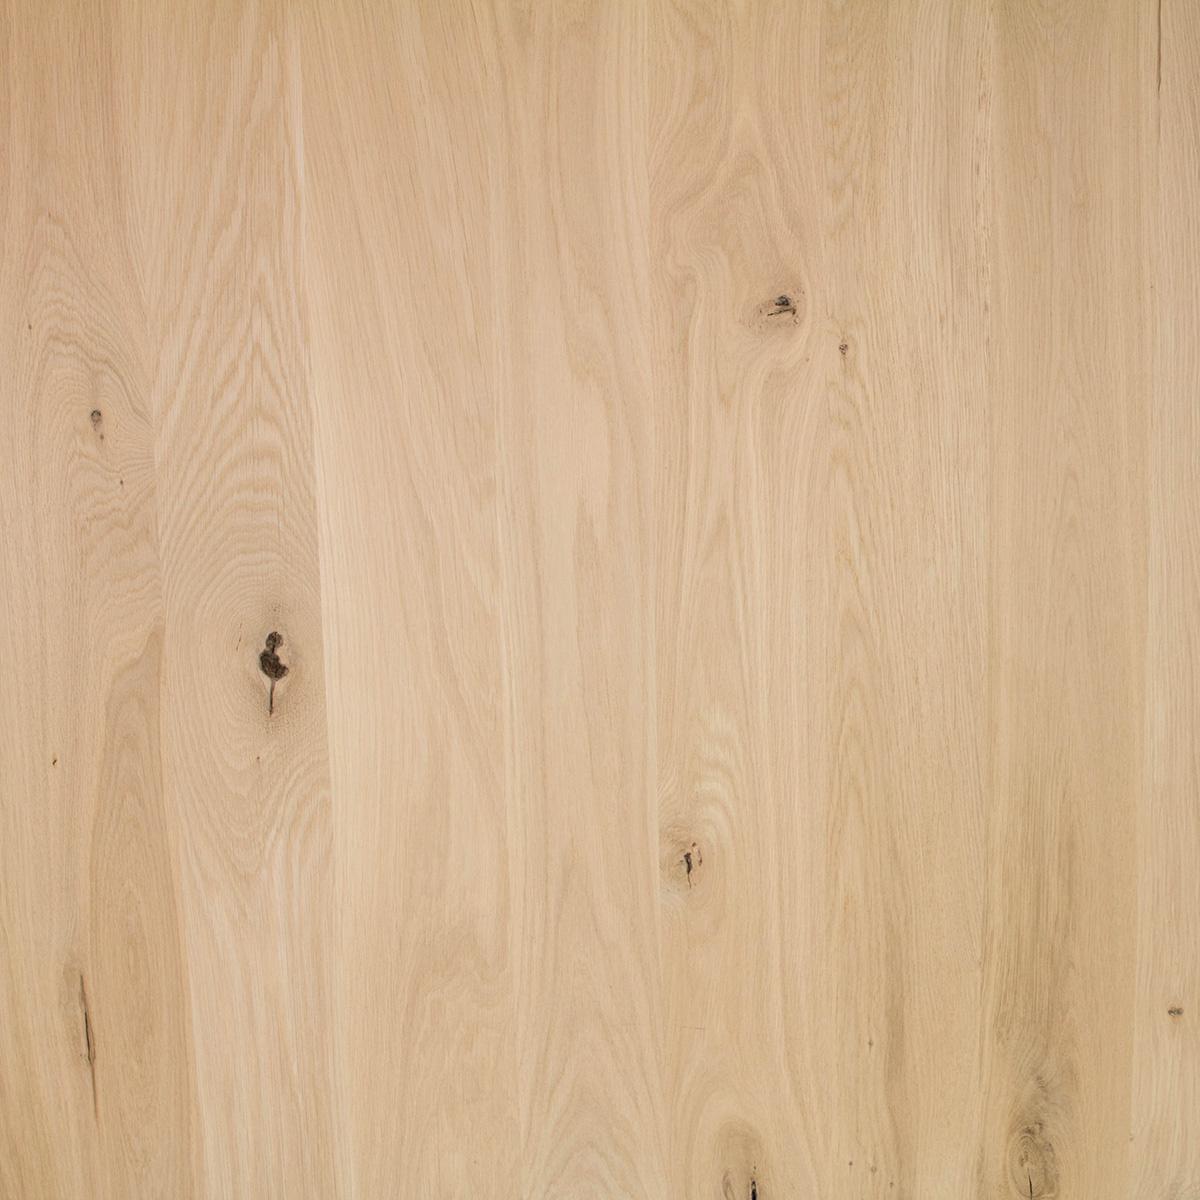 H Couchtisch Beine Eiche (SET - 2 Stück) 10x10 cm - 65 cm breit - Eichenholz Rustikal - Massive H Couchtisch Füße / Tischbeine Couchtisch - künstlich getrocknet HF 8-12%